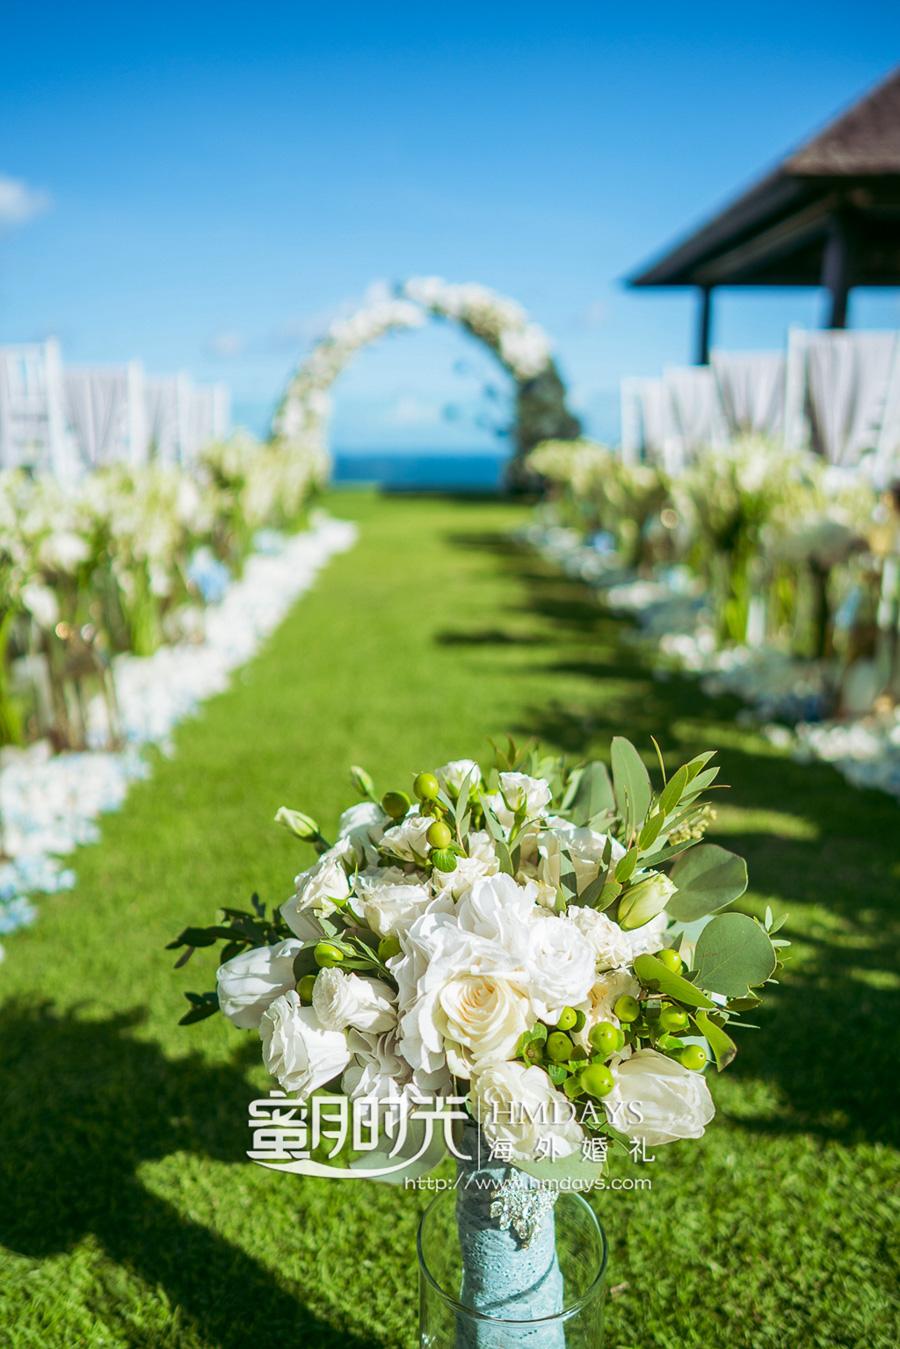 定制案例布置展示|海外婚礼|海外婚纱摄影|照片